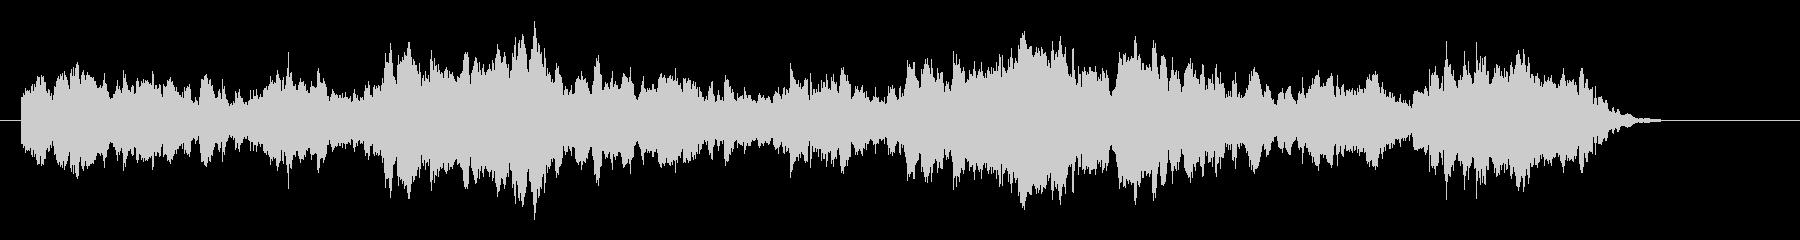 ゆったりとした和風な曲/約30秒のCM用の未再生の波形